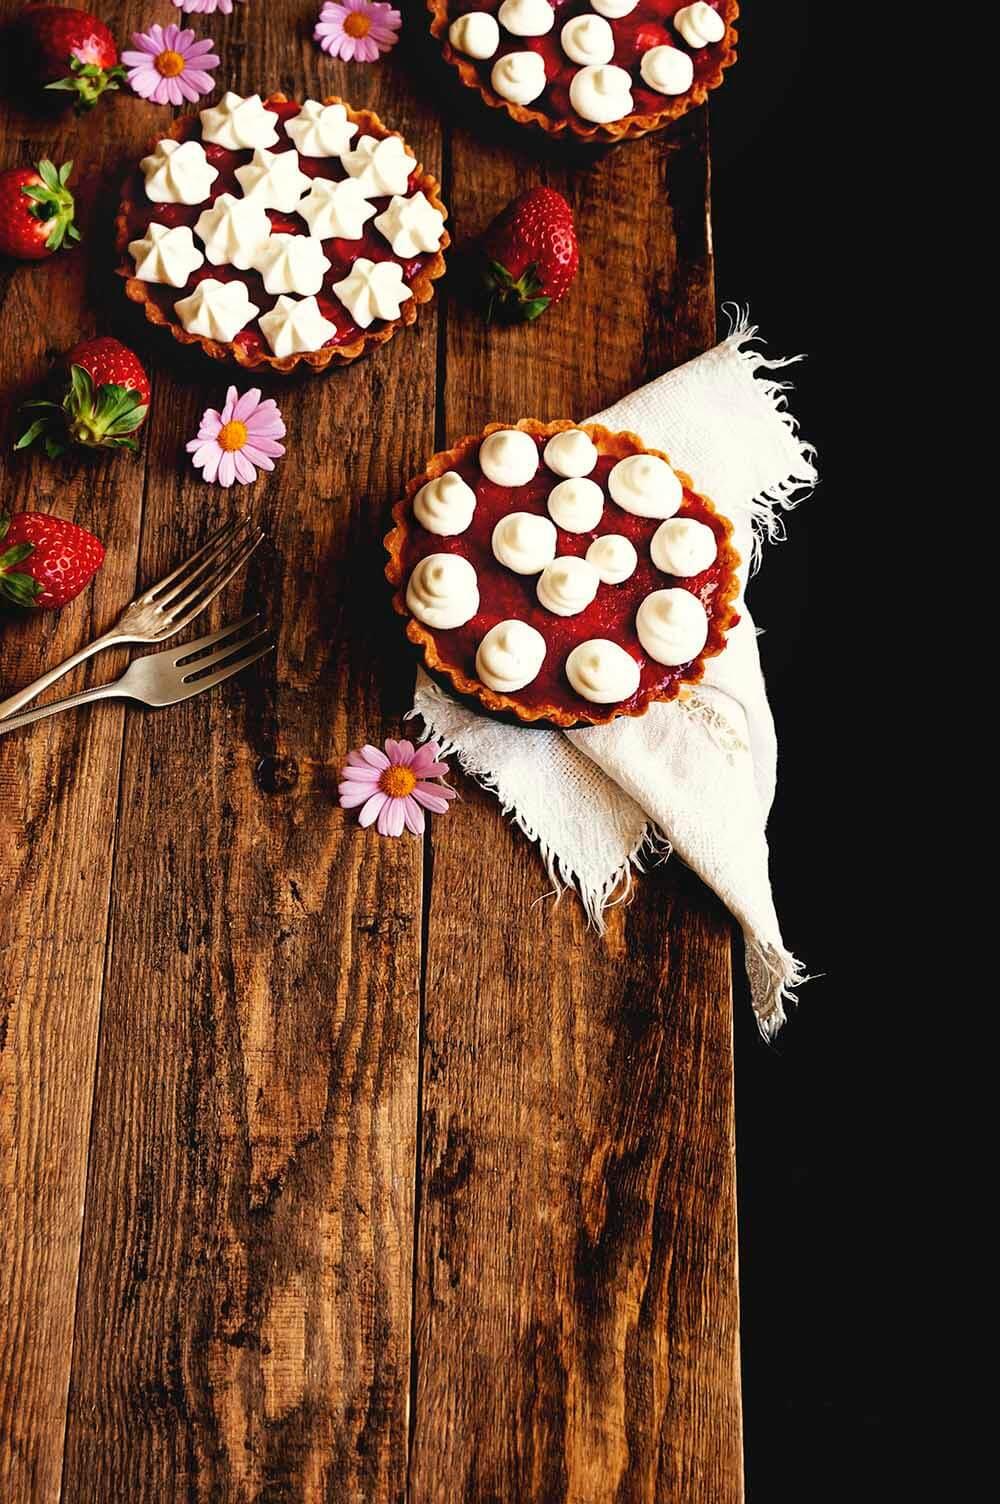 tartaleta de fresas con nata